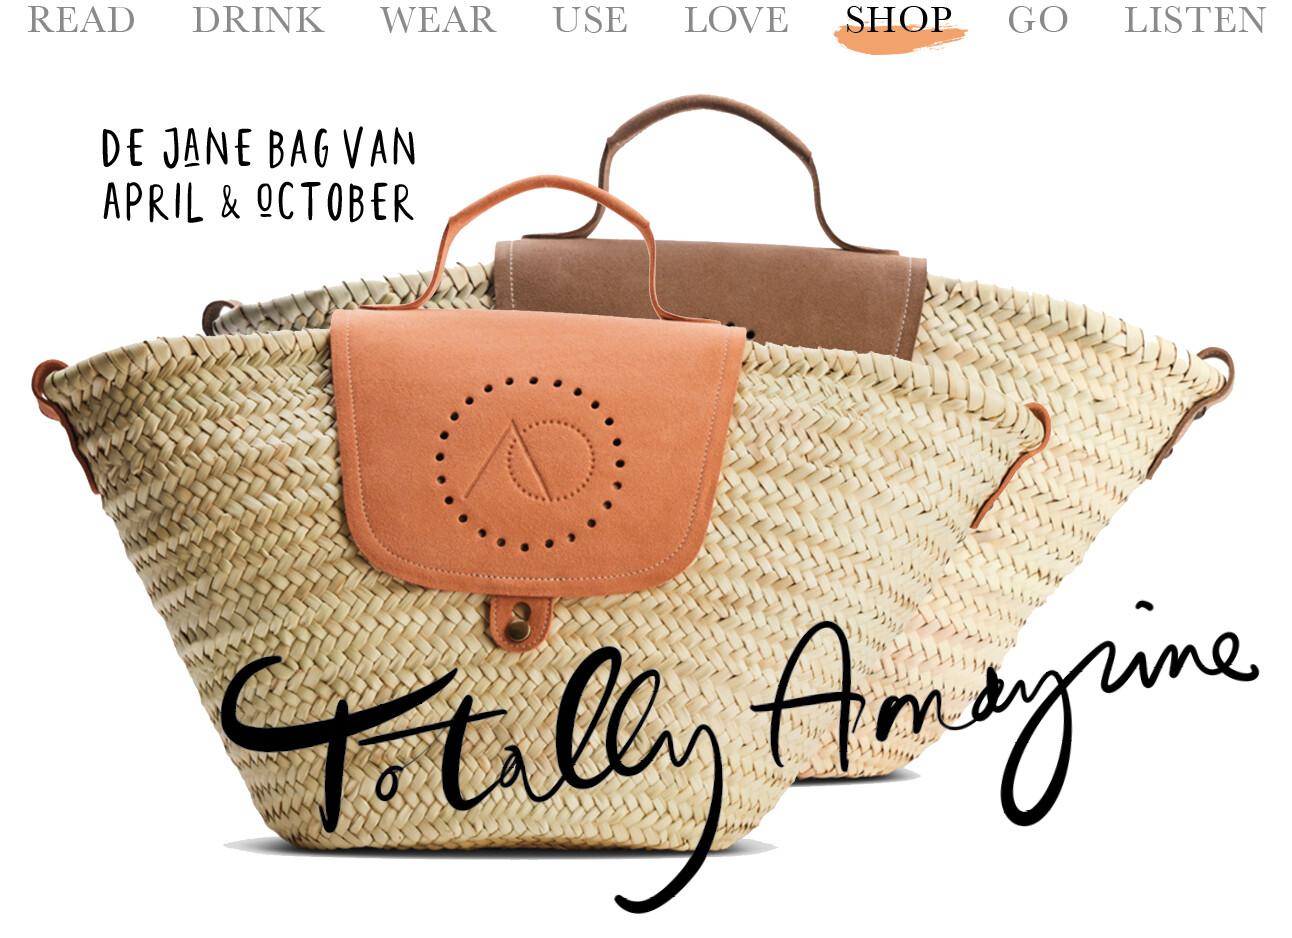 de Jane bag van April & October.